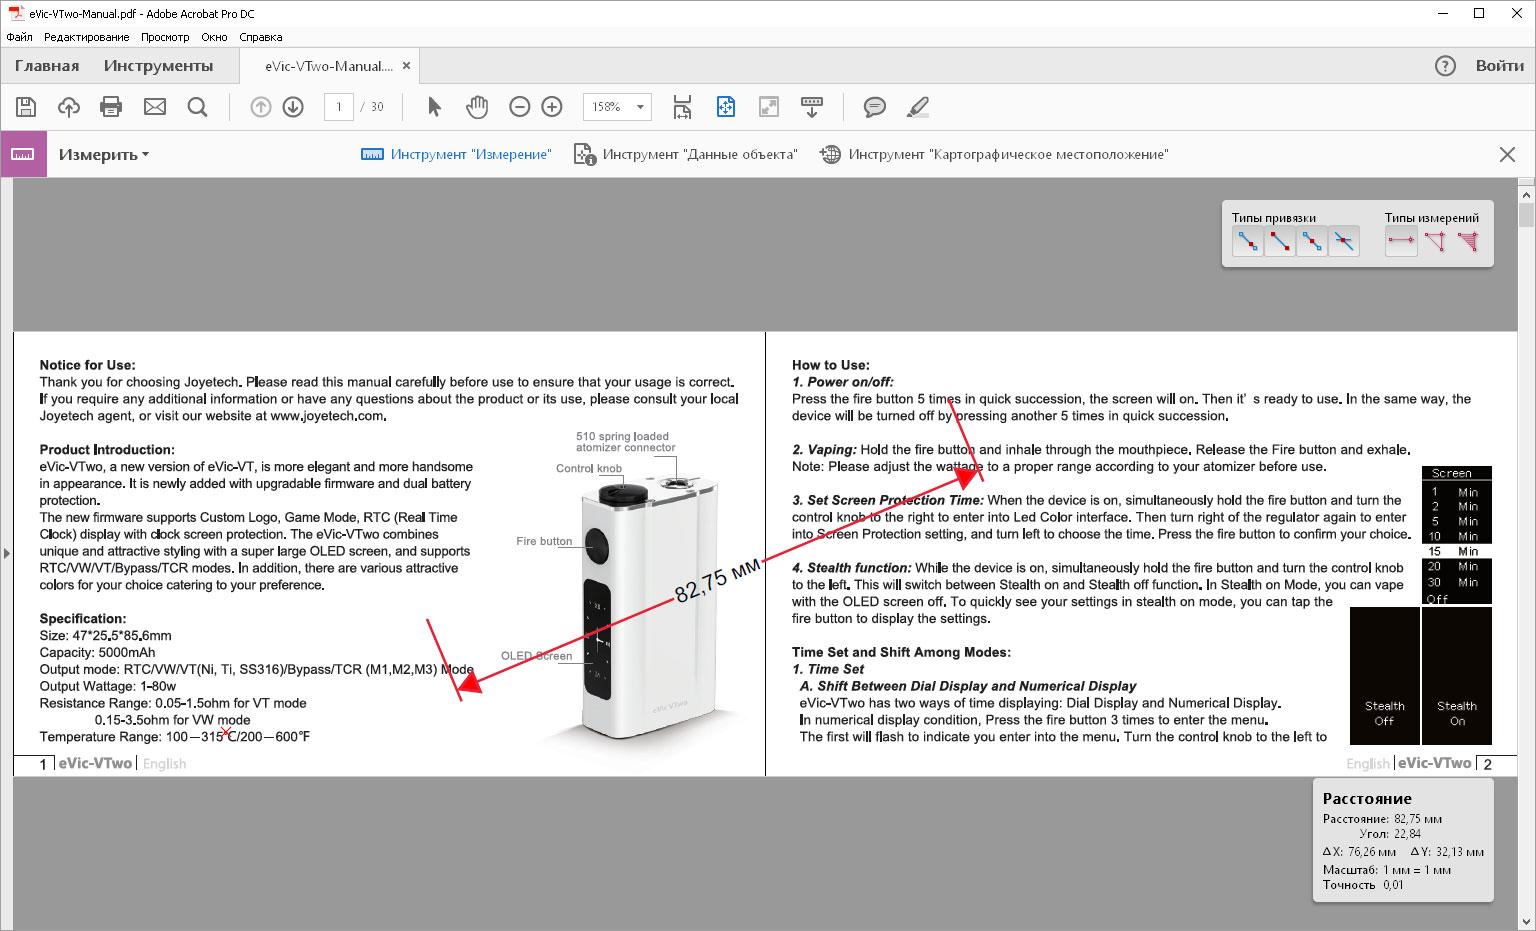 Adobe Acrobat Pro DC 18.9.20044.251705 (2017) PC | Portable by XpucT